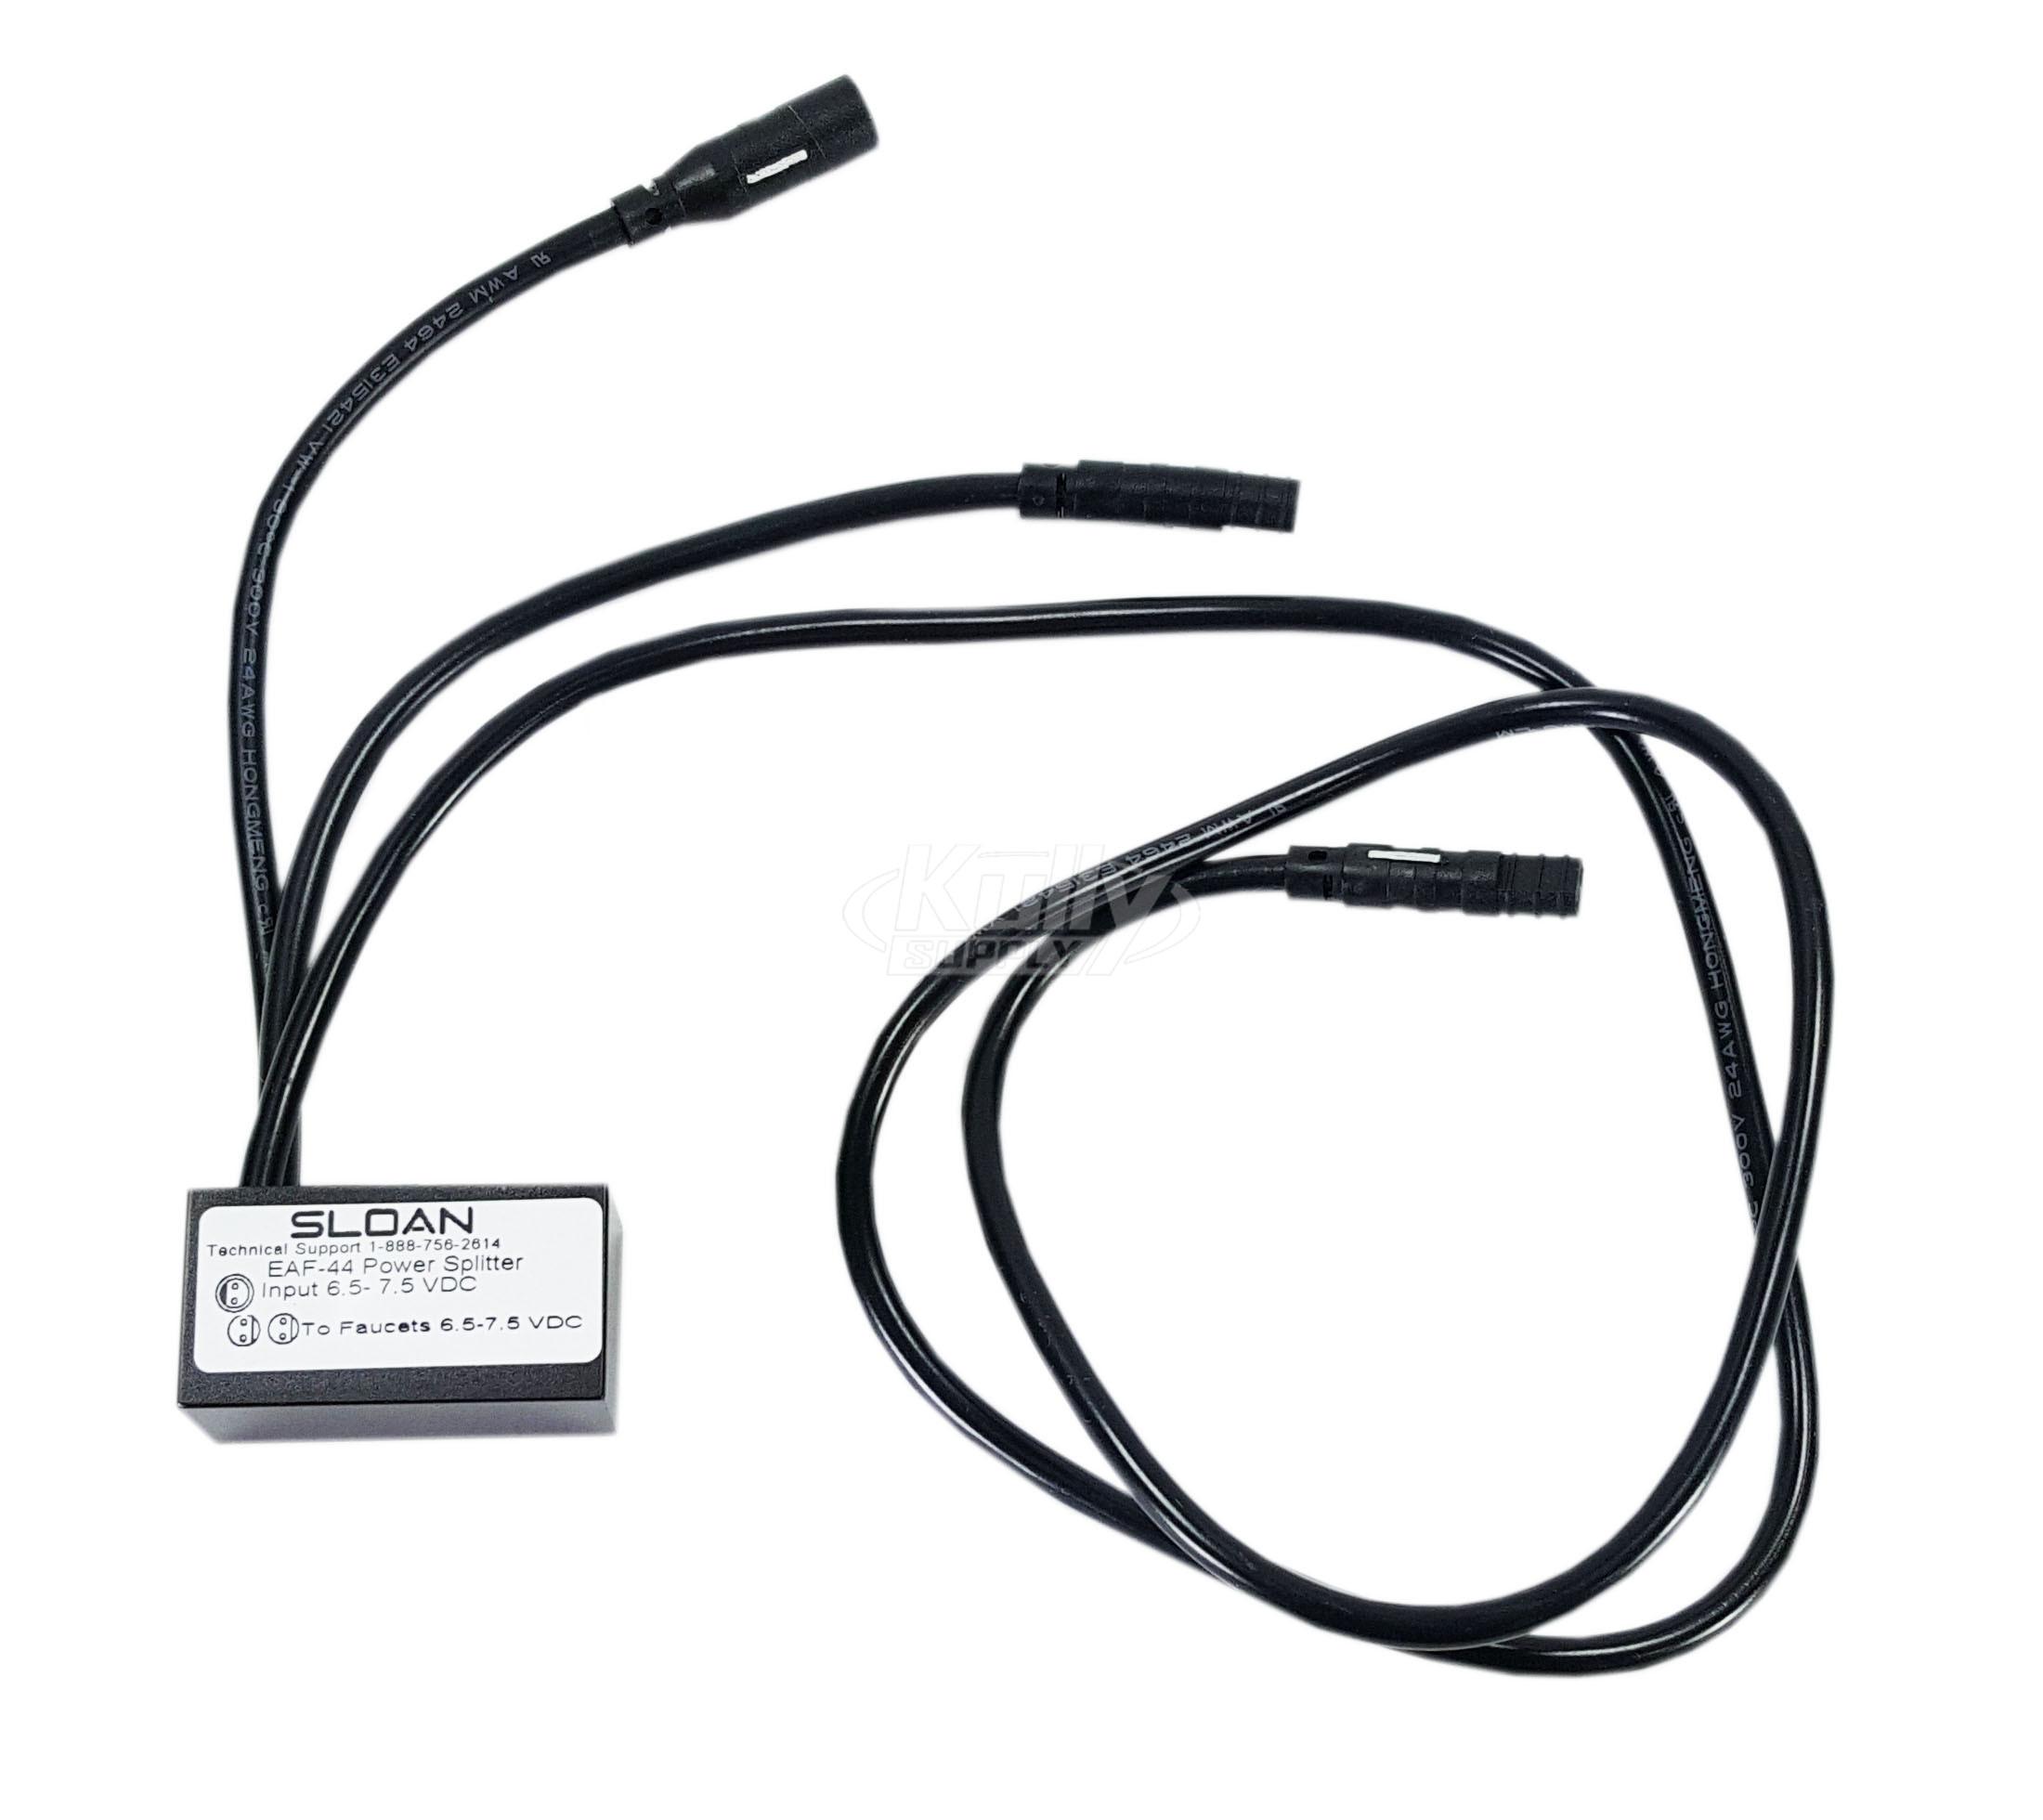 Sloan Eaf 44 Power Splitter Kullysupply Com